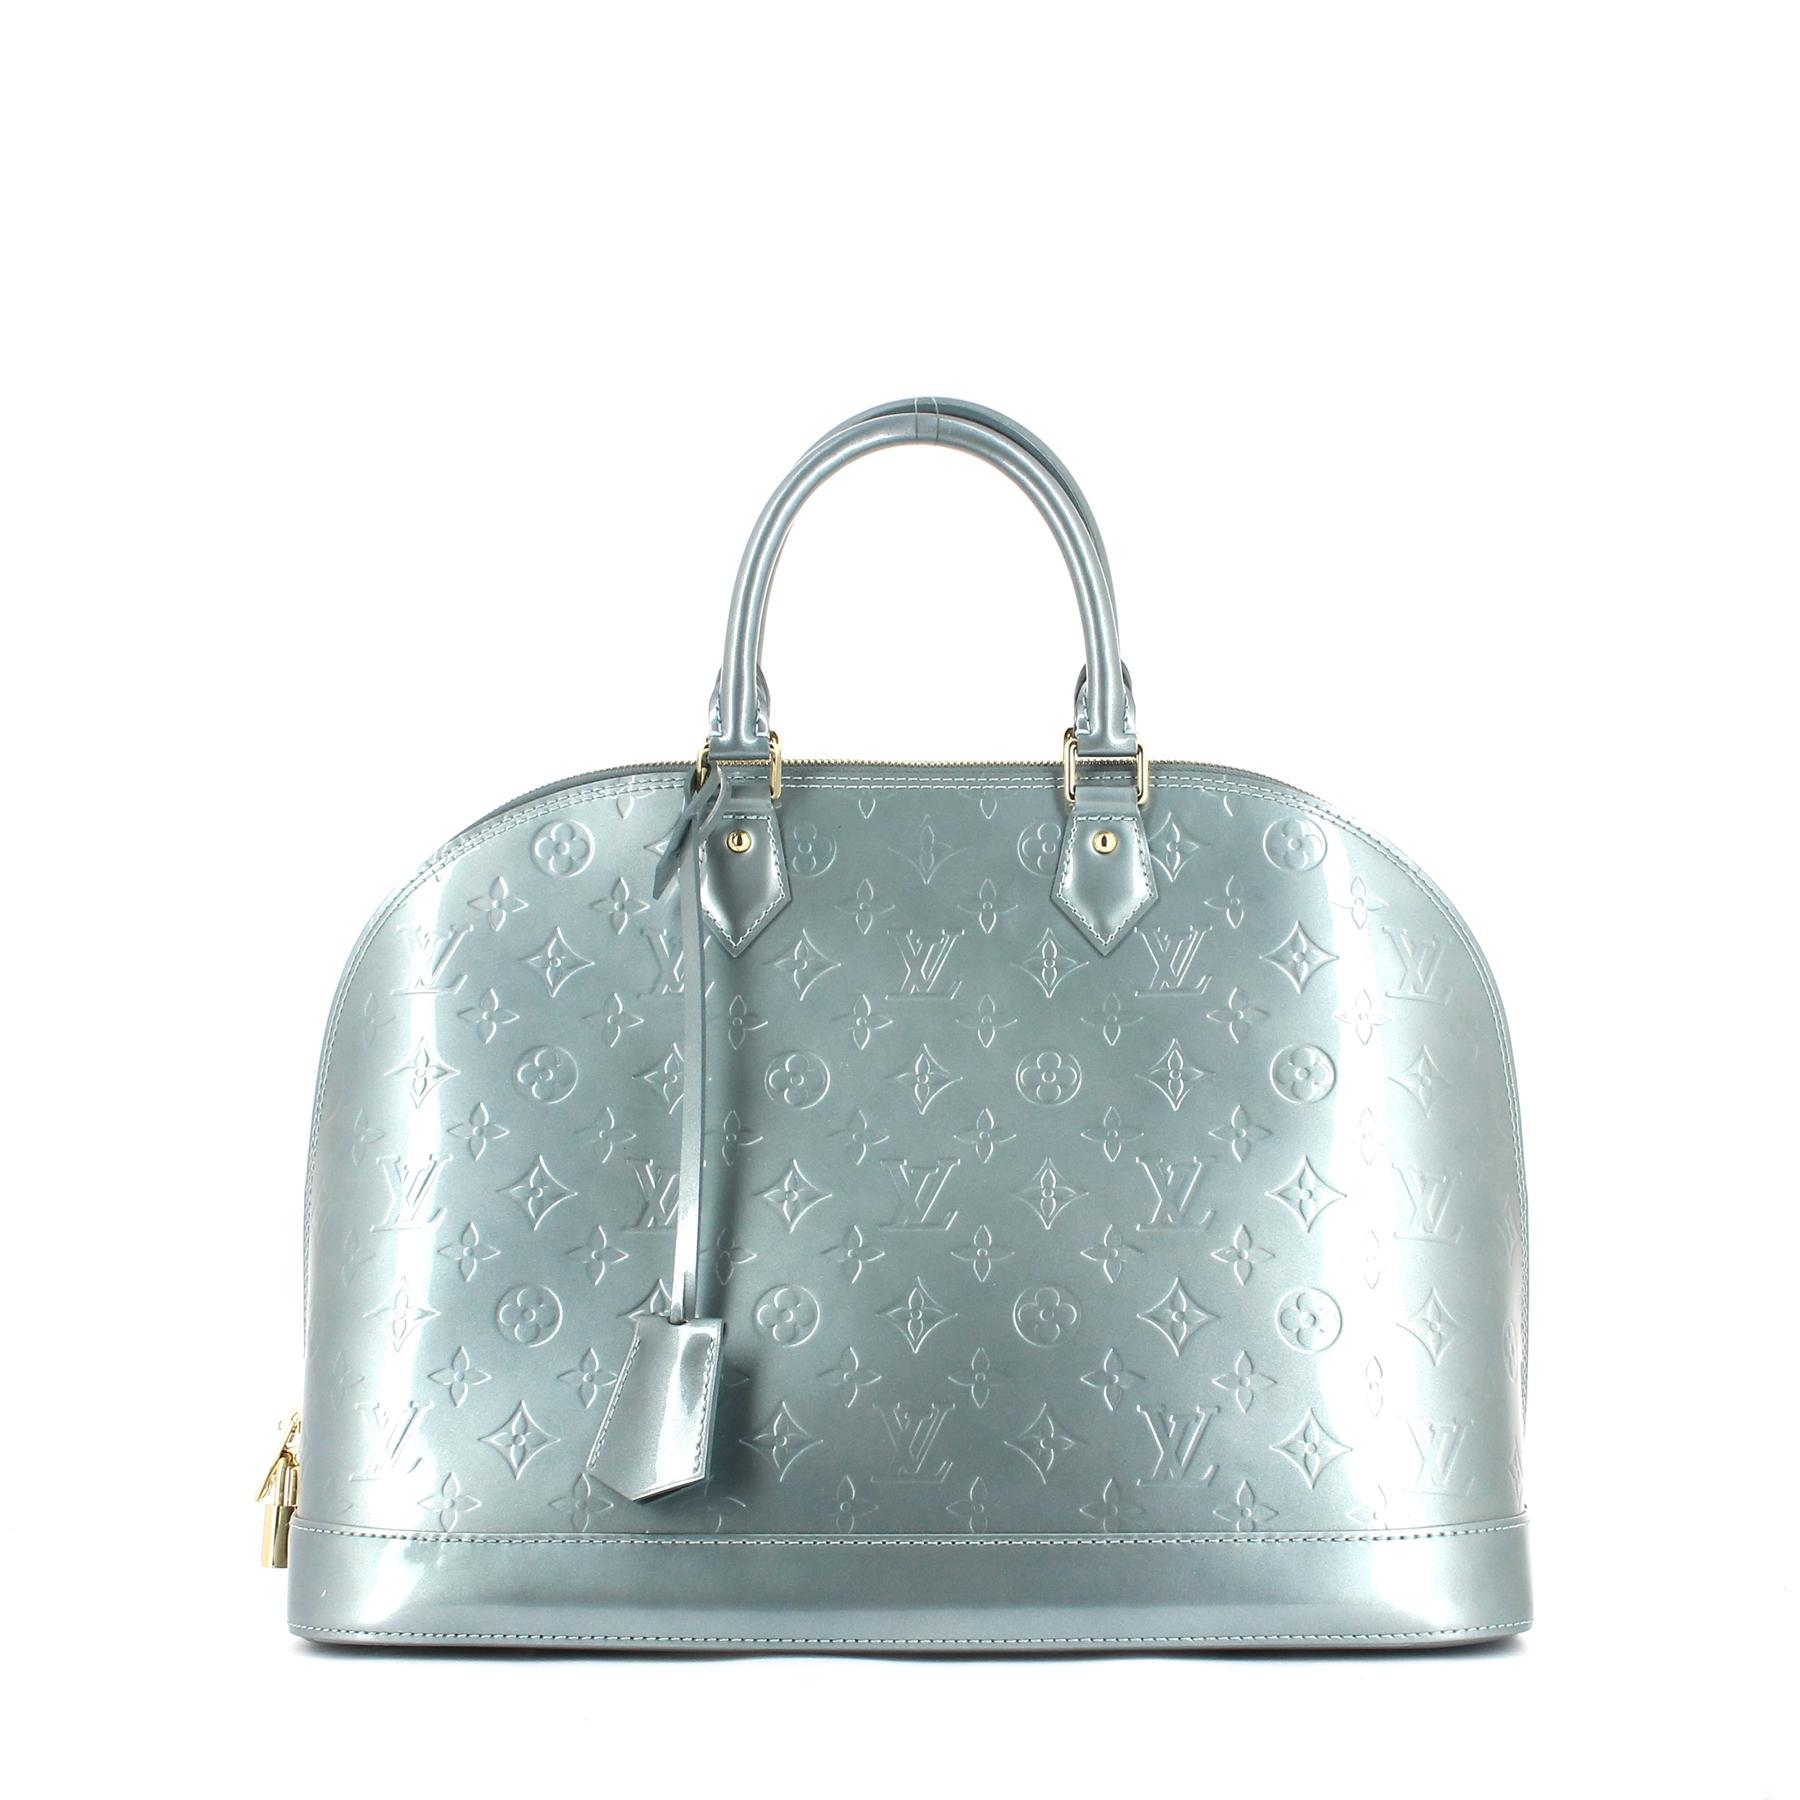 Pourquoi les objets de luxe prennent-ils autant de valeur   - Madame ... 96e572b6106